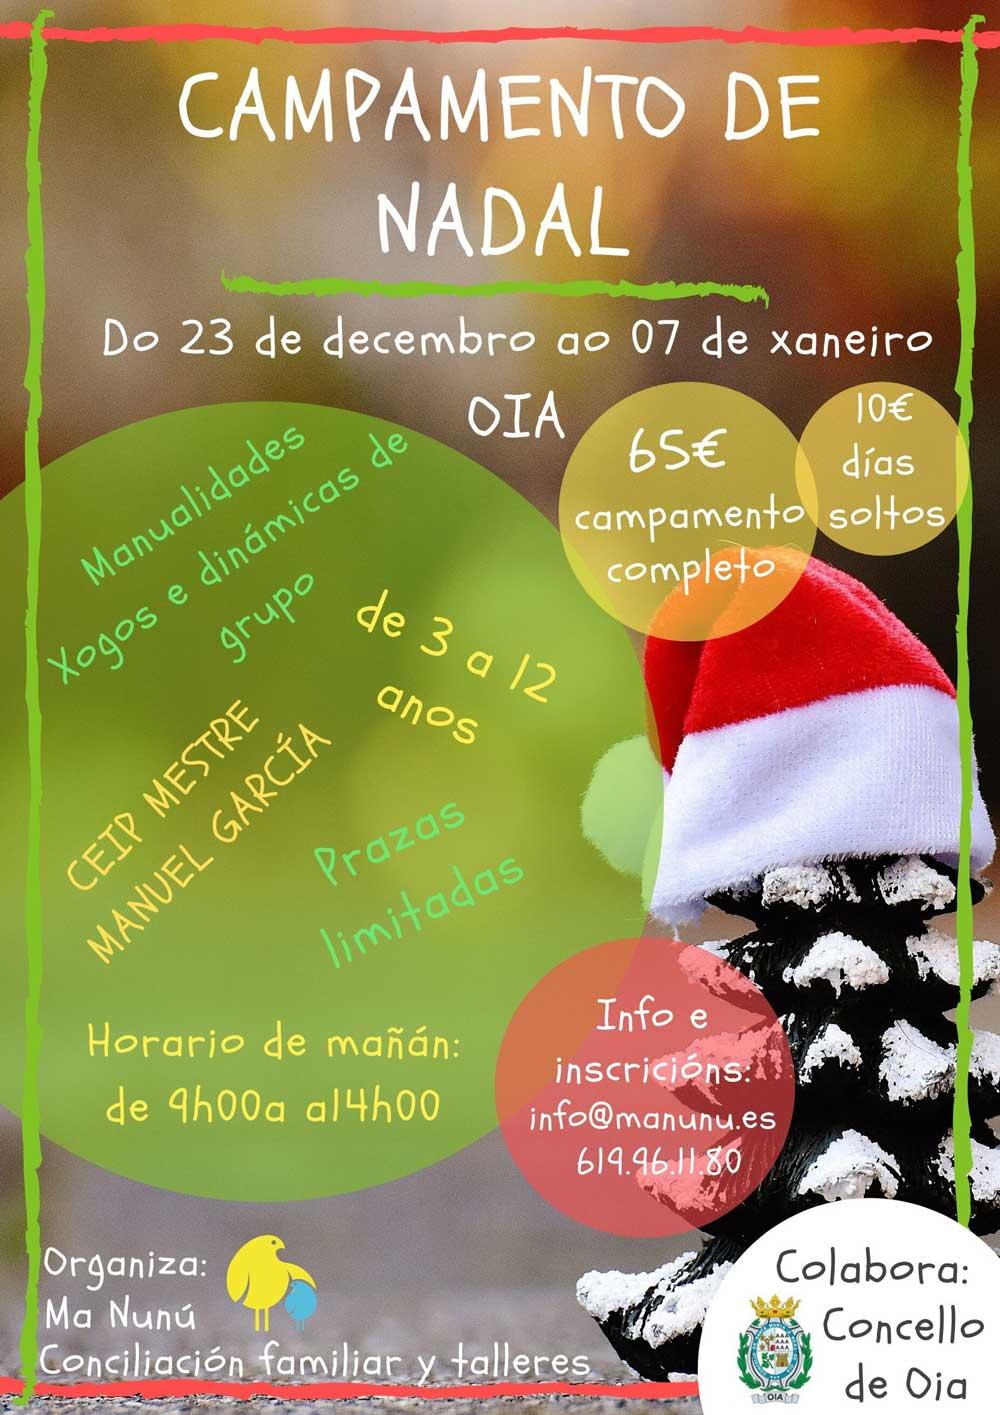 Campamento de Nadal en Oia para nenos e nenas de 3 a 12 anos